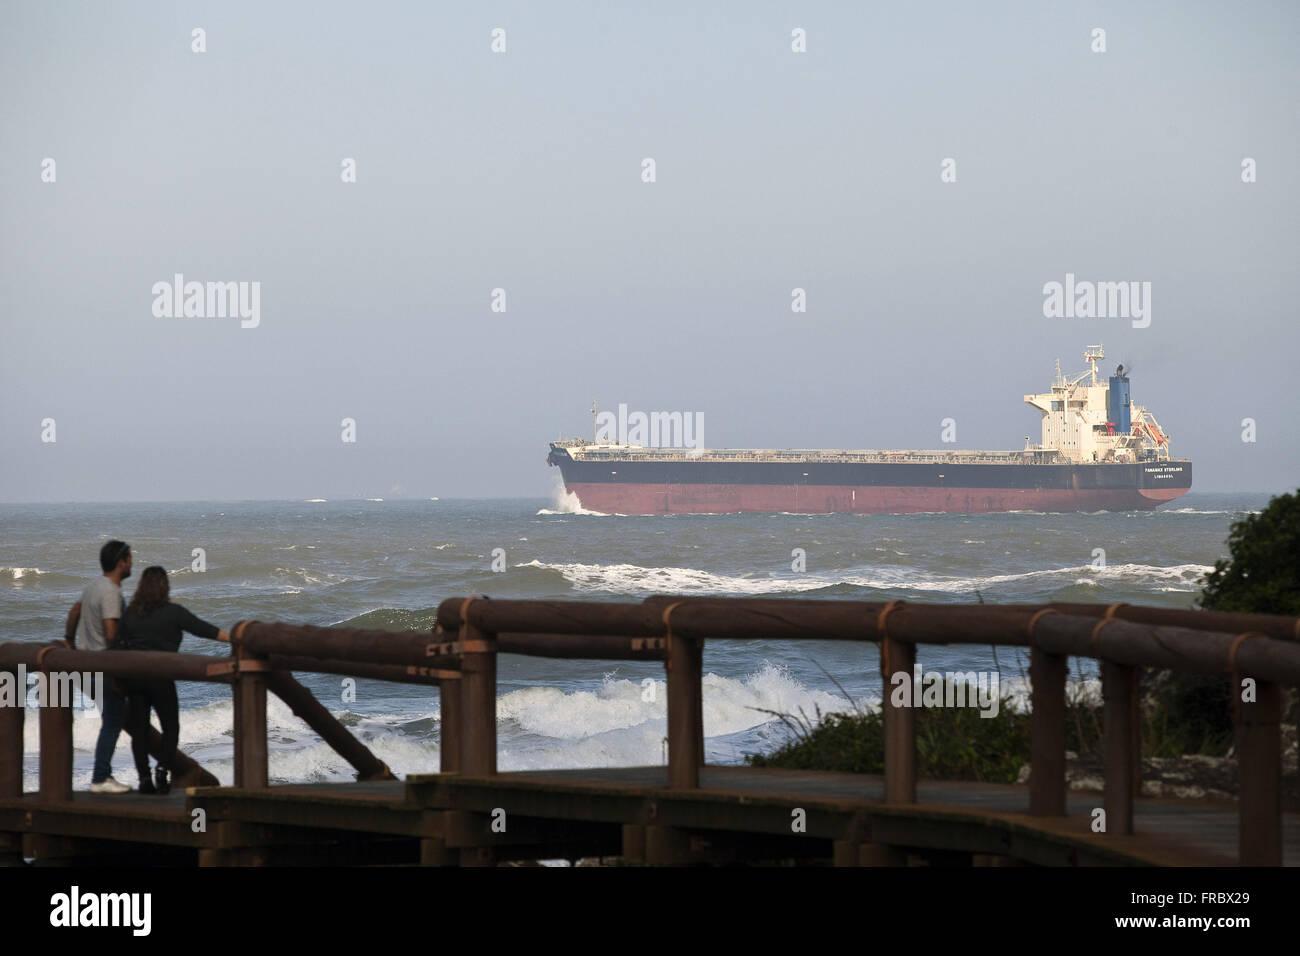 Los turistas sobre madera muelle observando la nave acercándose a la bahía de Paranaguá, en Ilha Imagen De Stock